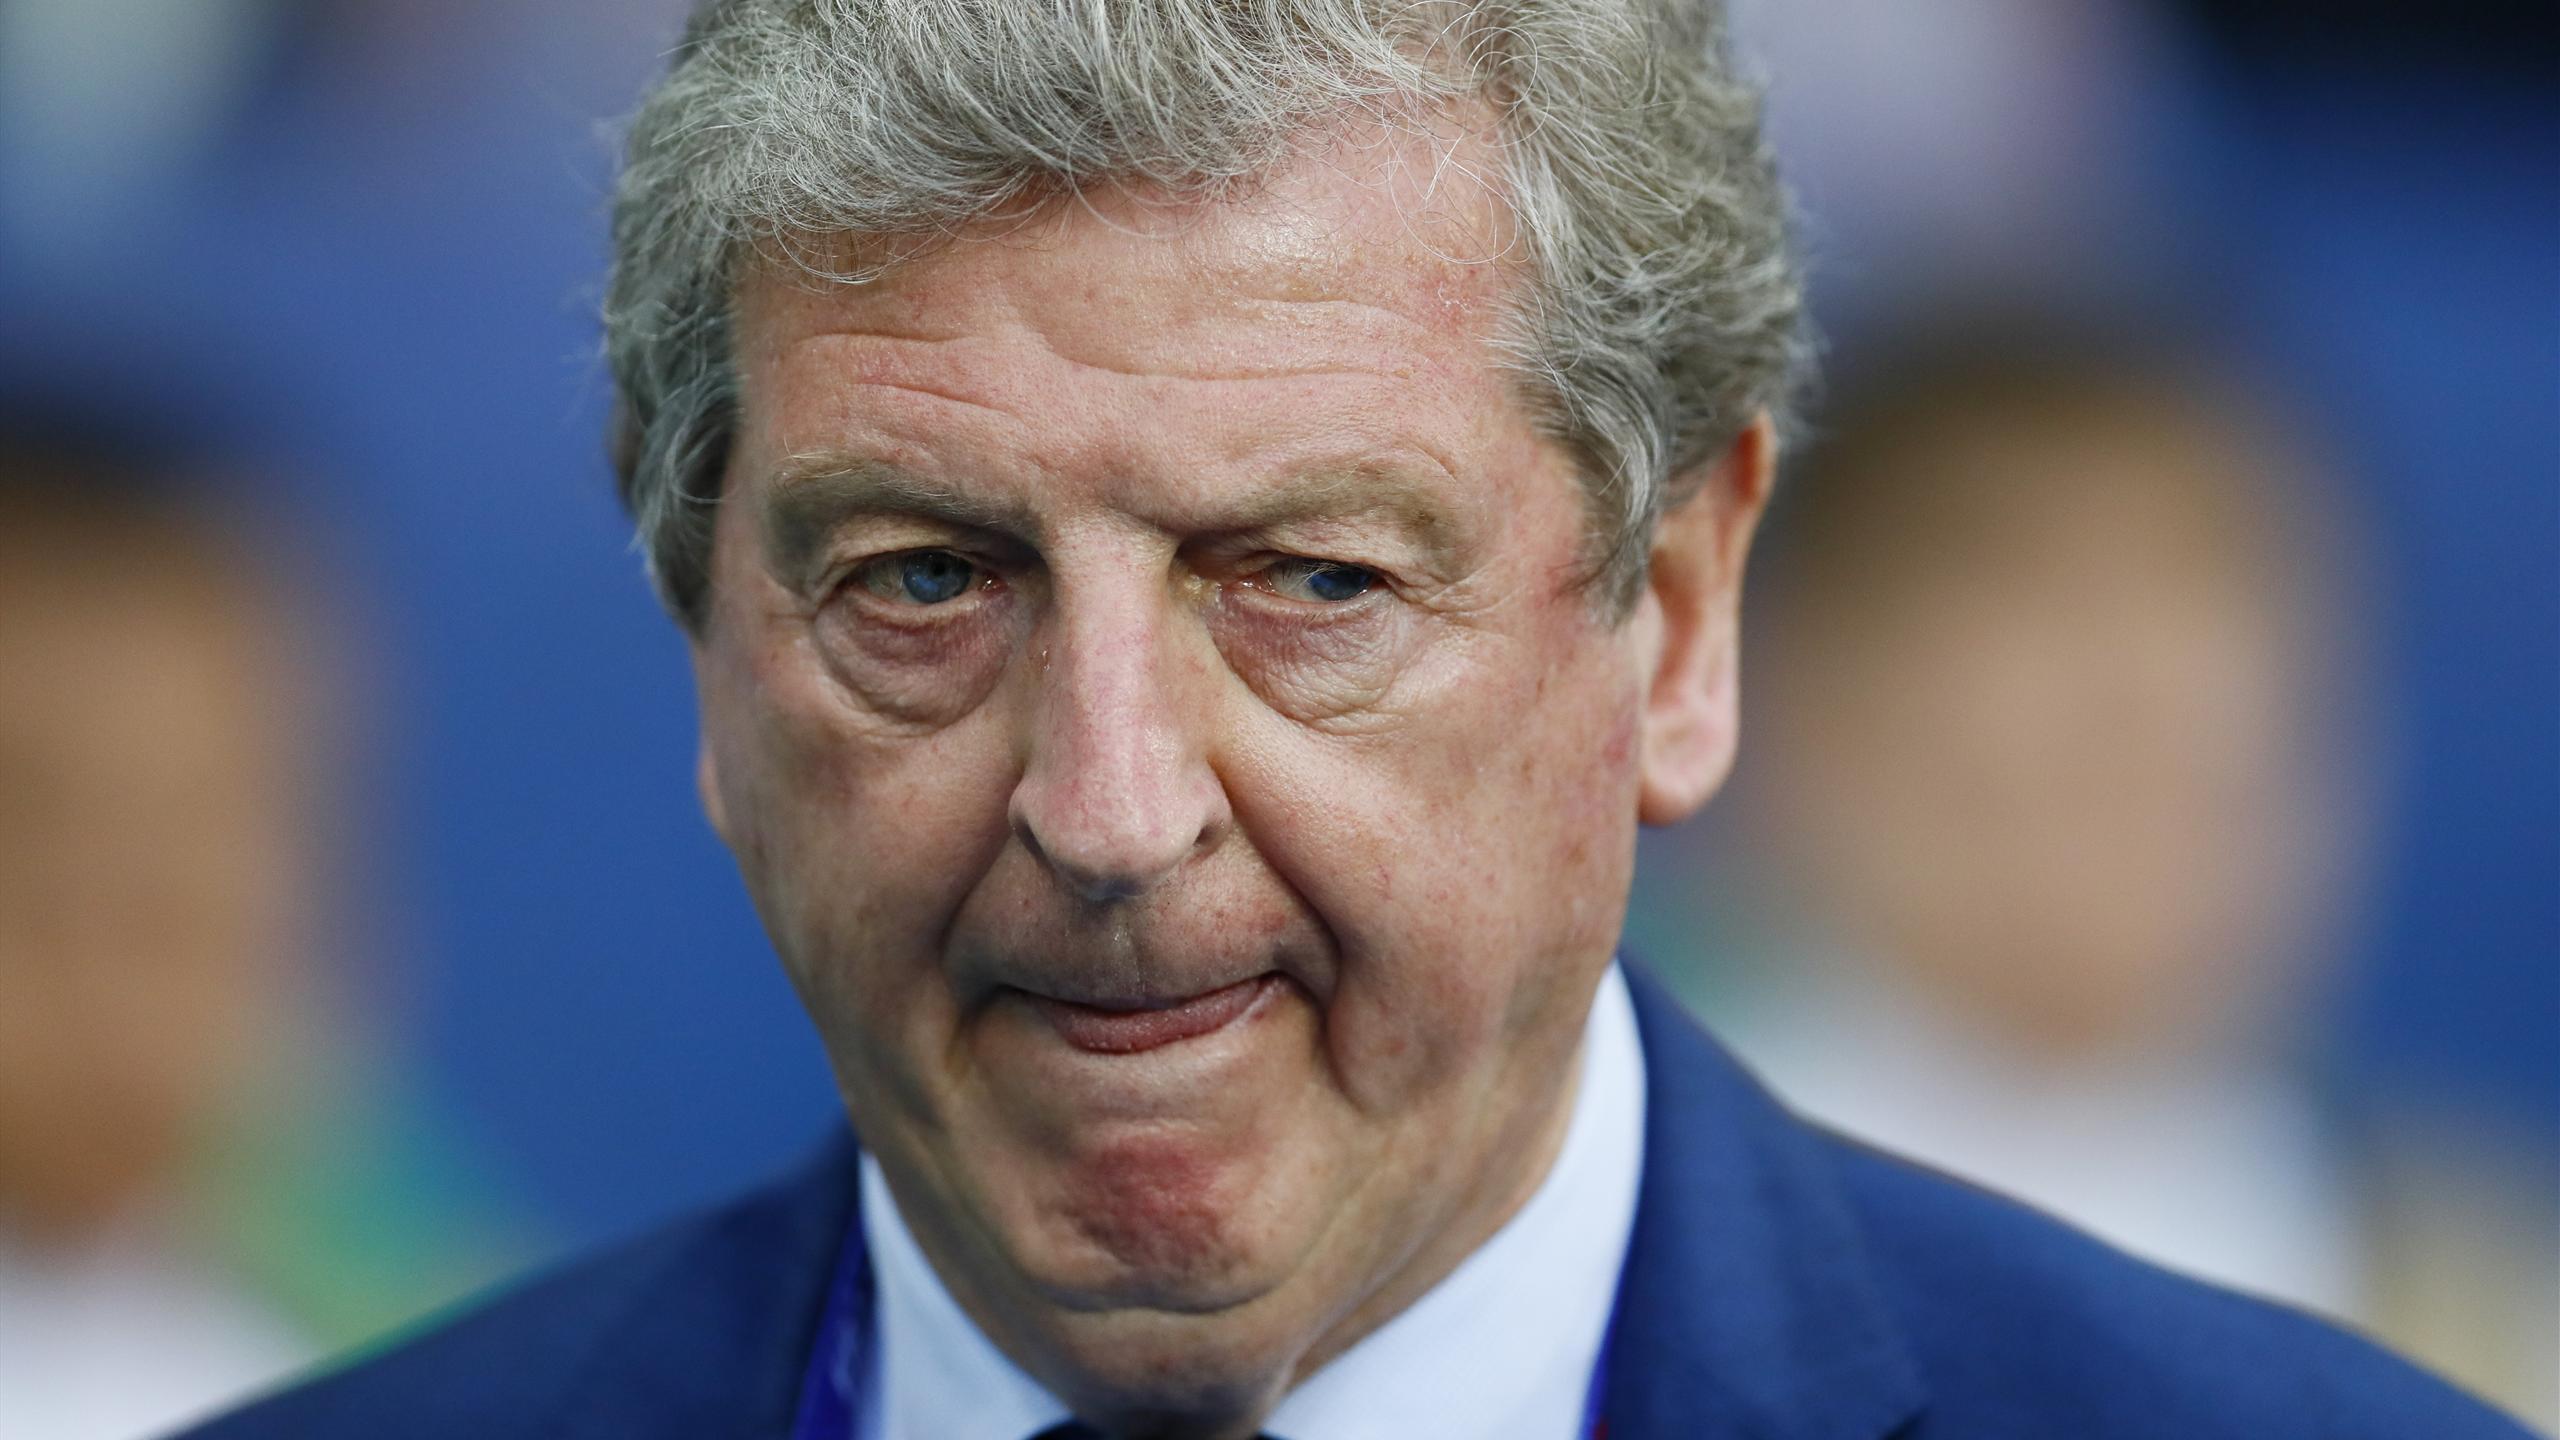 England head coach Roy Hodgson